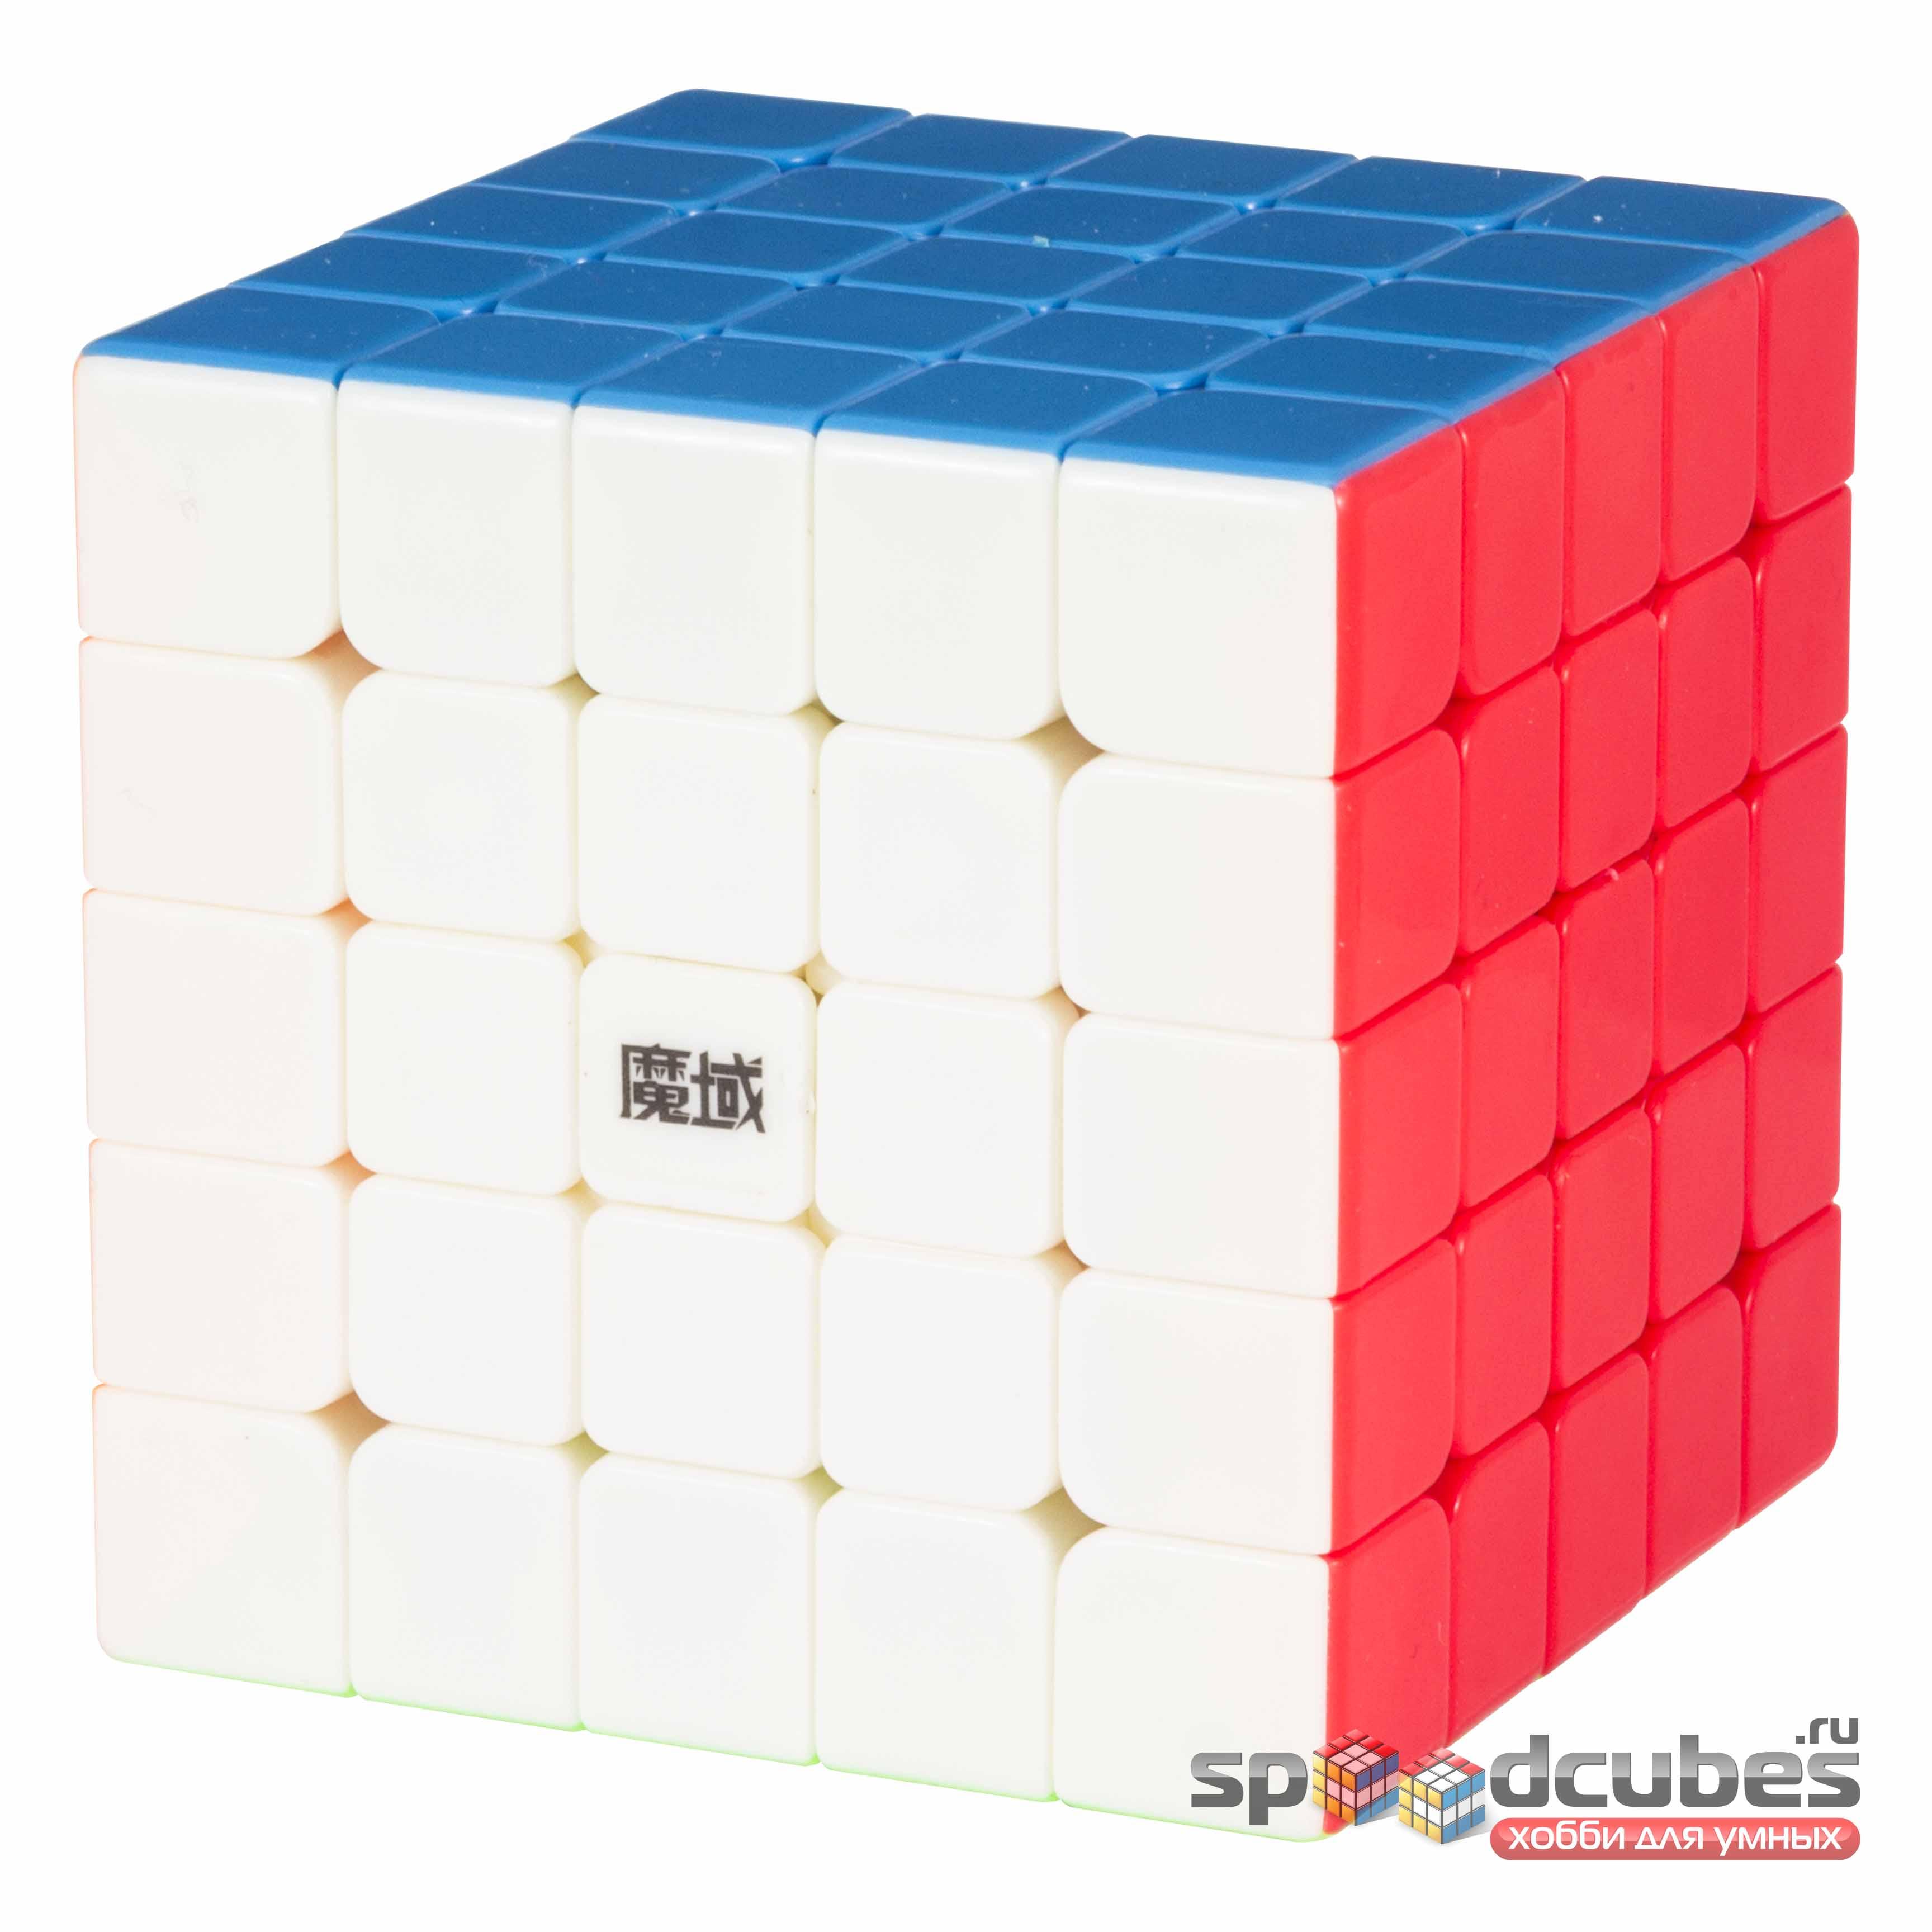 MoYu 5x5x5 Bochuang GT Color 2